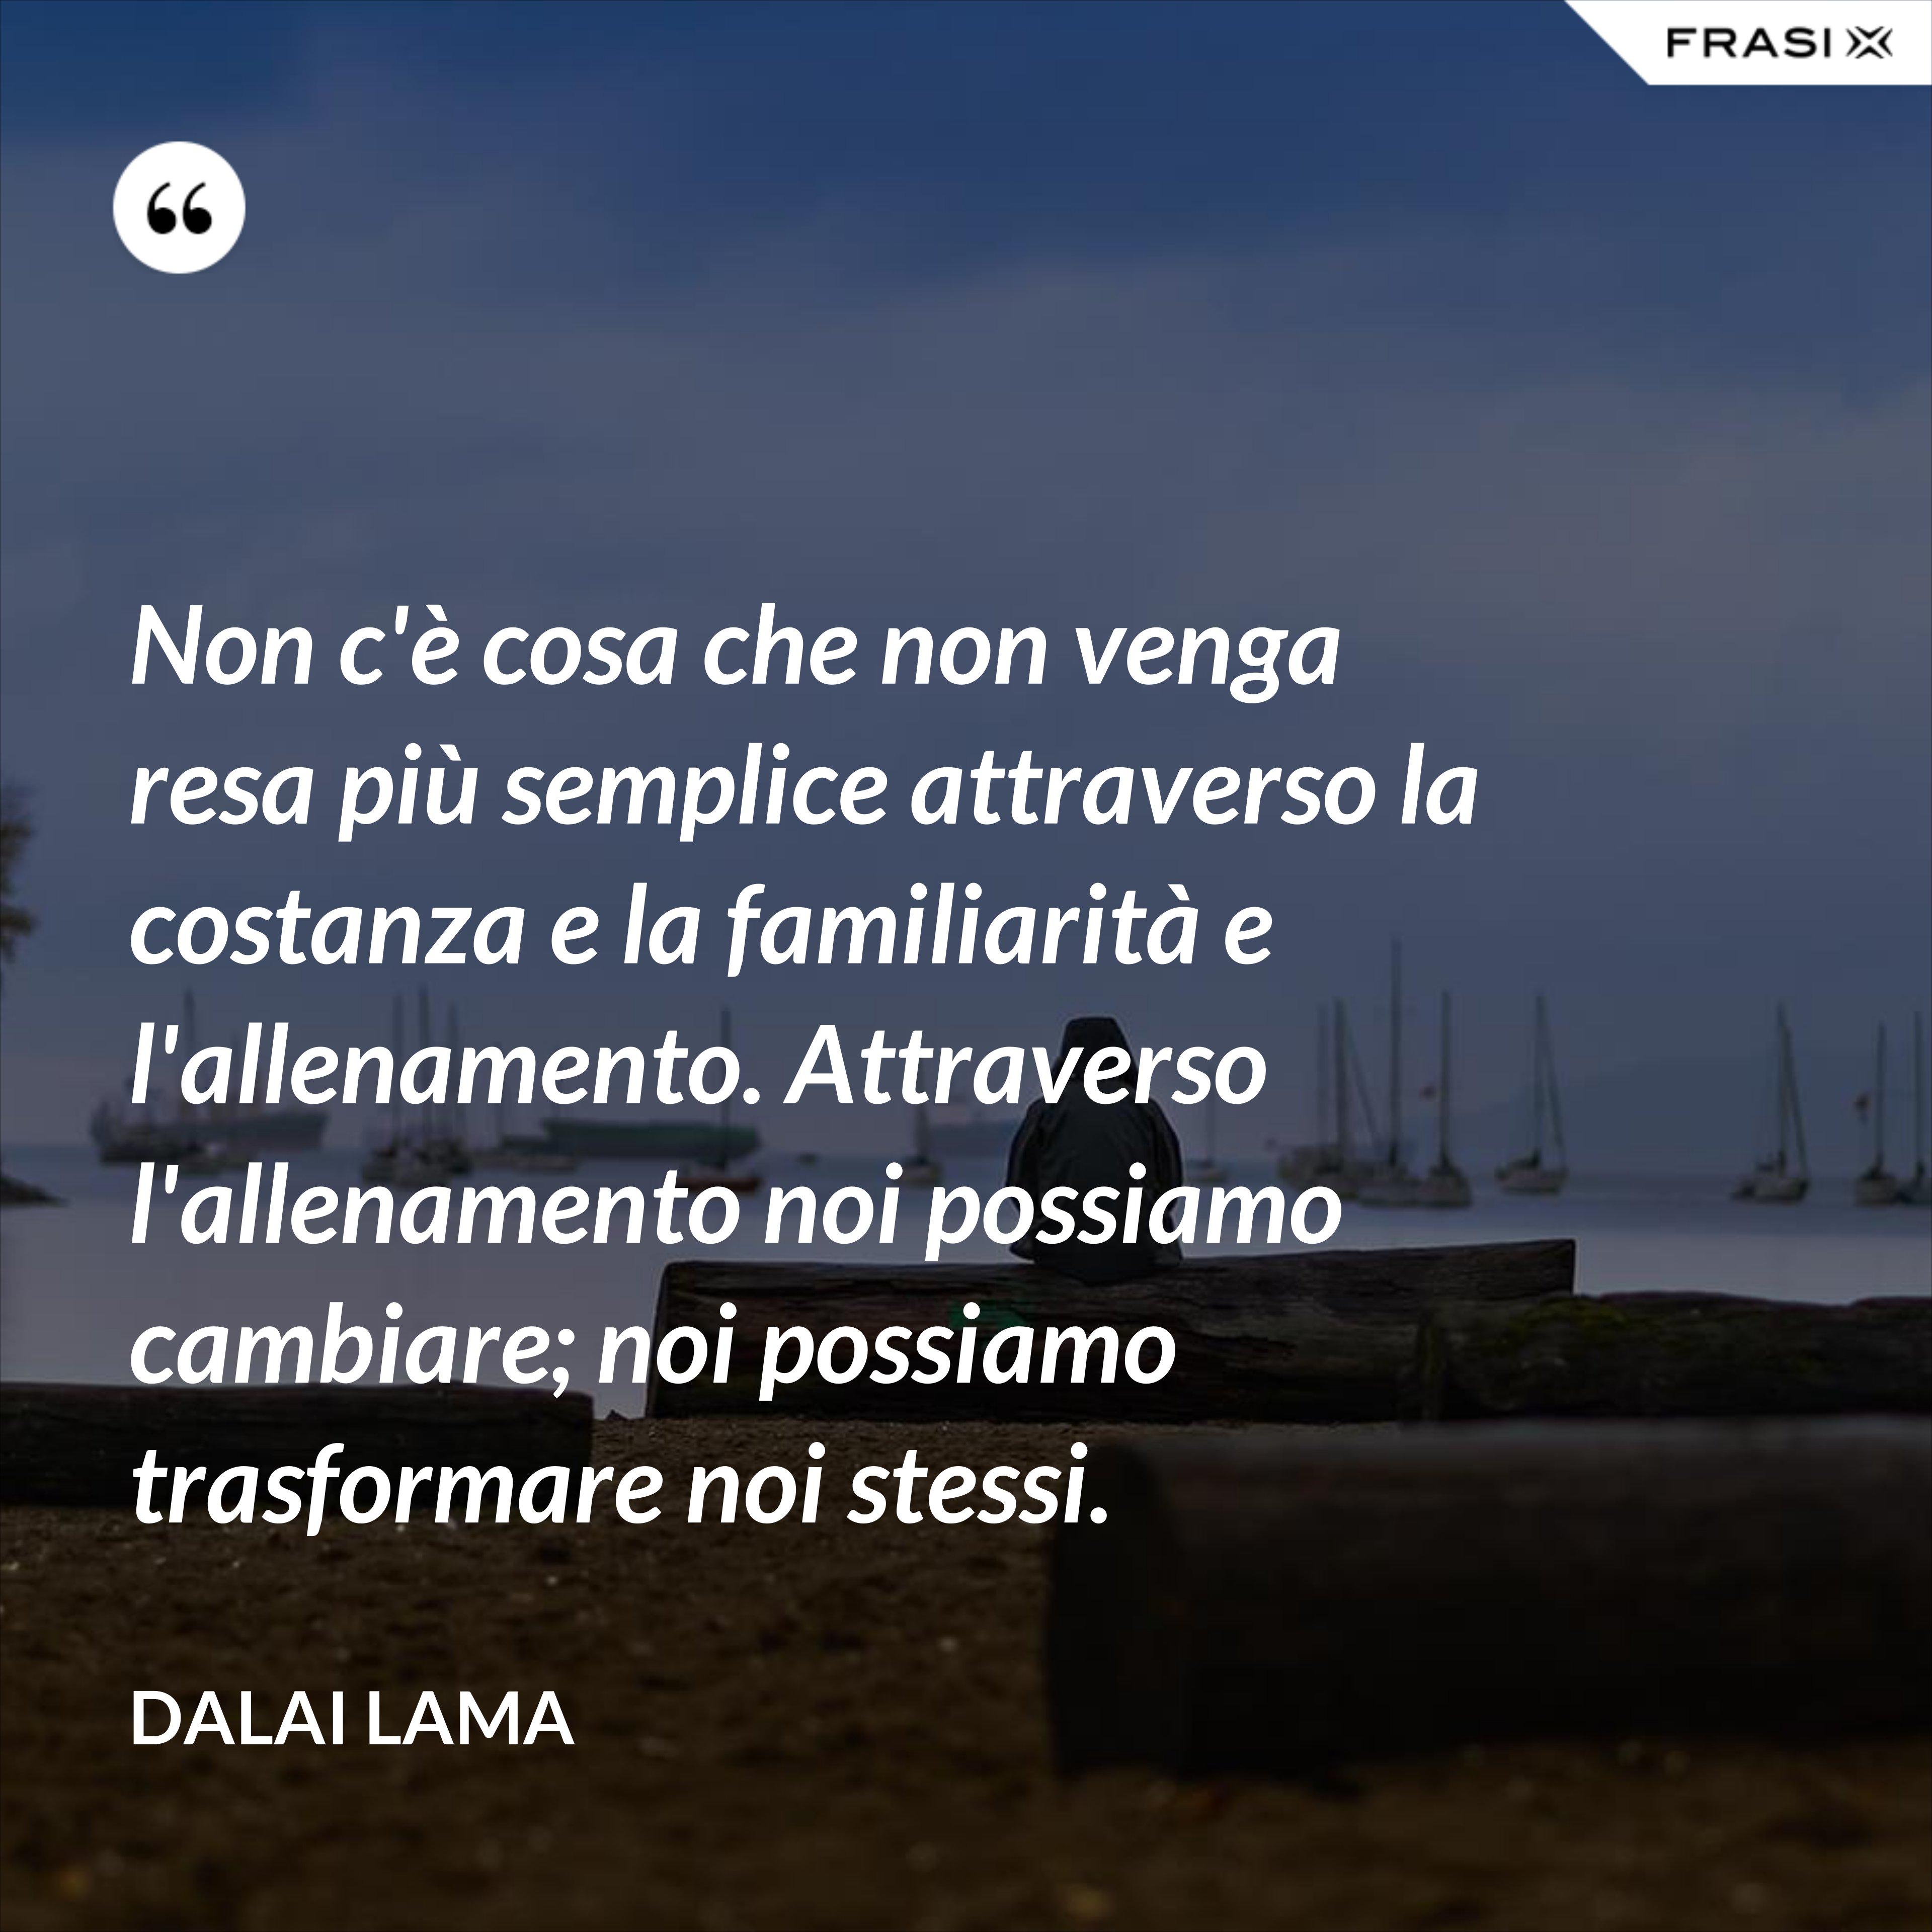 Non c'è cosa che non venga resa più semplice attraverso la costanza e la familiarità e l'allenamento. Attraverso l'allenamento noi possiamo cambiare; noi possiamo trasformare noi stessi. - Dalai Lama